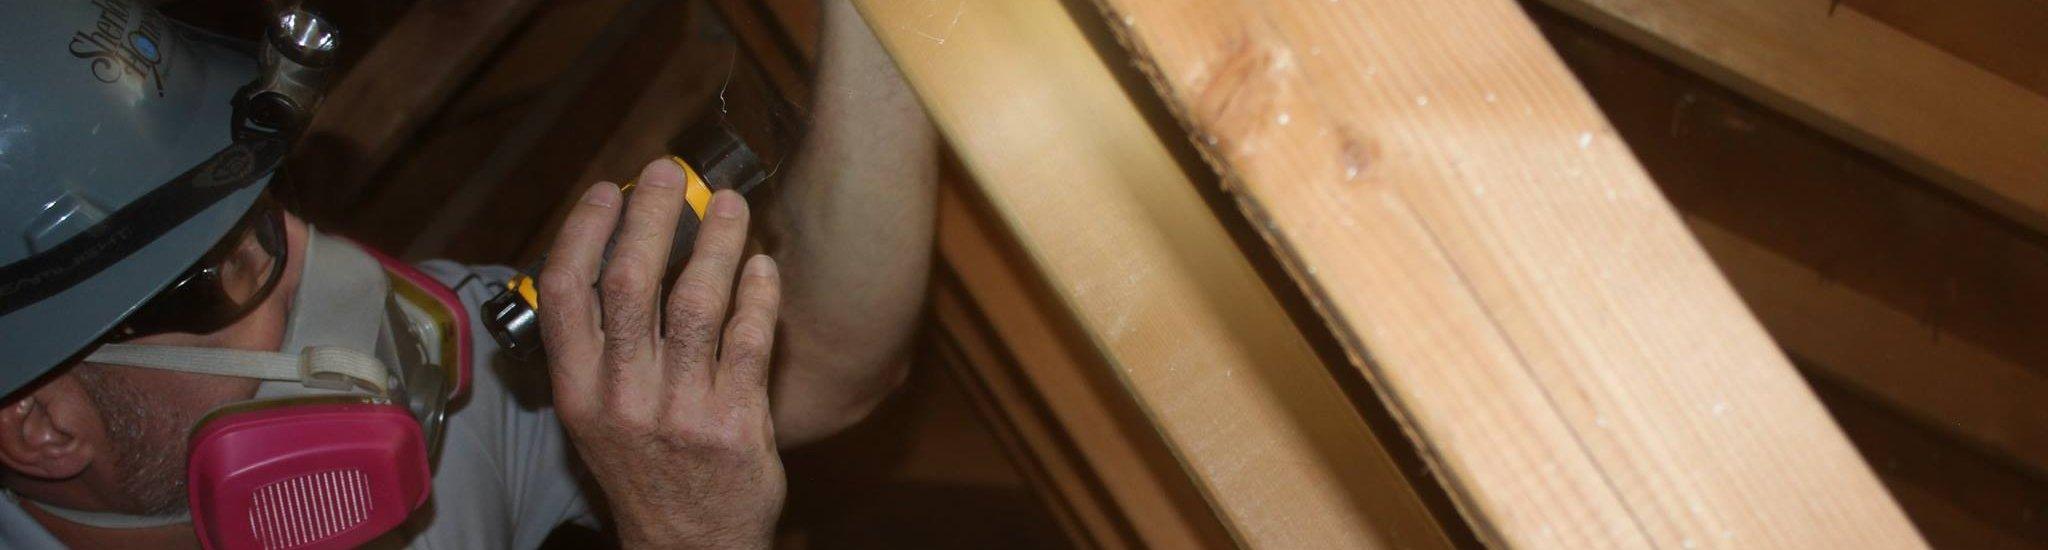 Home Inspectors -